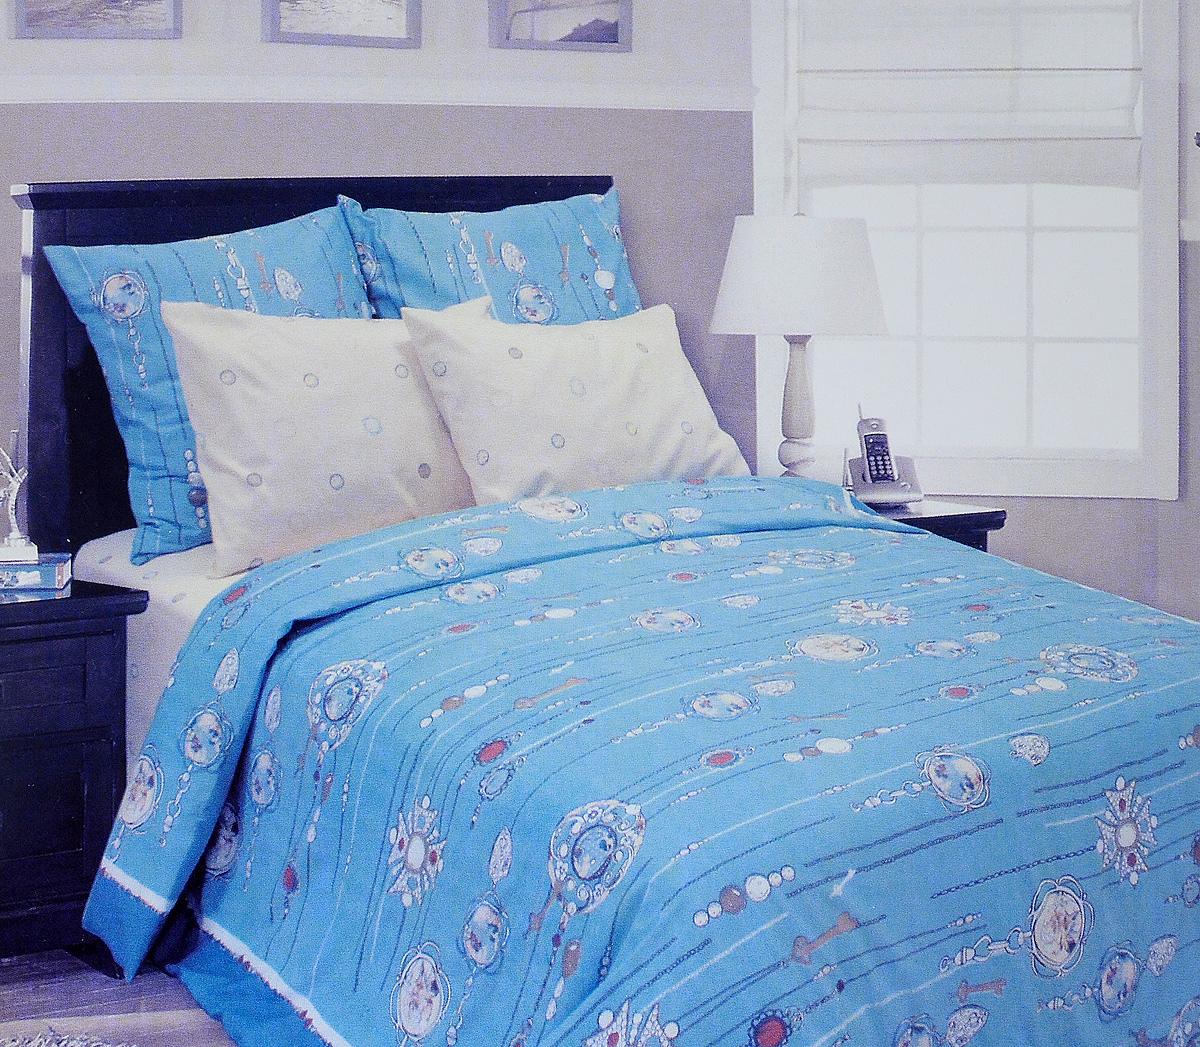 Комплект белья Tiffanys Secret, евро, наволочки 50х70, цвет: бирюзовый, белый, бежевый68/5/4Комплект постельного белья Tiffanys Secret является экологически безопасным для всей семьи, так как выполнен из сатина (100% хлопок). Комплект состоит из пододеяльника, простыни и двух наволочек. Предметы комплекта оформлены оригинальным рисунком.Благодаря такому комплекту постельного белья вы сможете создать атмосферу уюта и комфорта в вашей спальне.Сатин - это ткань, навсегда покорившая сердца человечества. Ценившие роскошь персы называли ее атлас, а искушенные в прекрасном французы - сатин. Секрет высококачественного сатина в безупречности всего технологического процесса. Эту благородную ткань делают только из отборной натуральной пряжи, которую получают из самого лучшего тонковолокнистого хлопка. Благодаря использованию самой тонкой хлопковой нити получается необычайно мягкое и нежное полотно. Сатиновое постельное белье превращает жаркие летние ночи в прохладные и освежающие, а холодные зимние - в теплые и согревающие. Сатин очень приятен на ощупь, постельное белье из него долговечно, выдерживает более 300 стирок, и лишь спустя долгое время материал начинает немного тускнеть. Оцените все достоинства постельного белья из сатина, выбирая самое лучшее для себя!